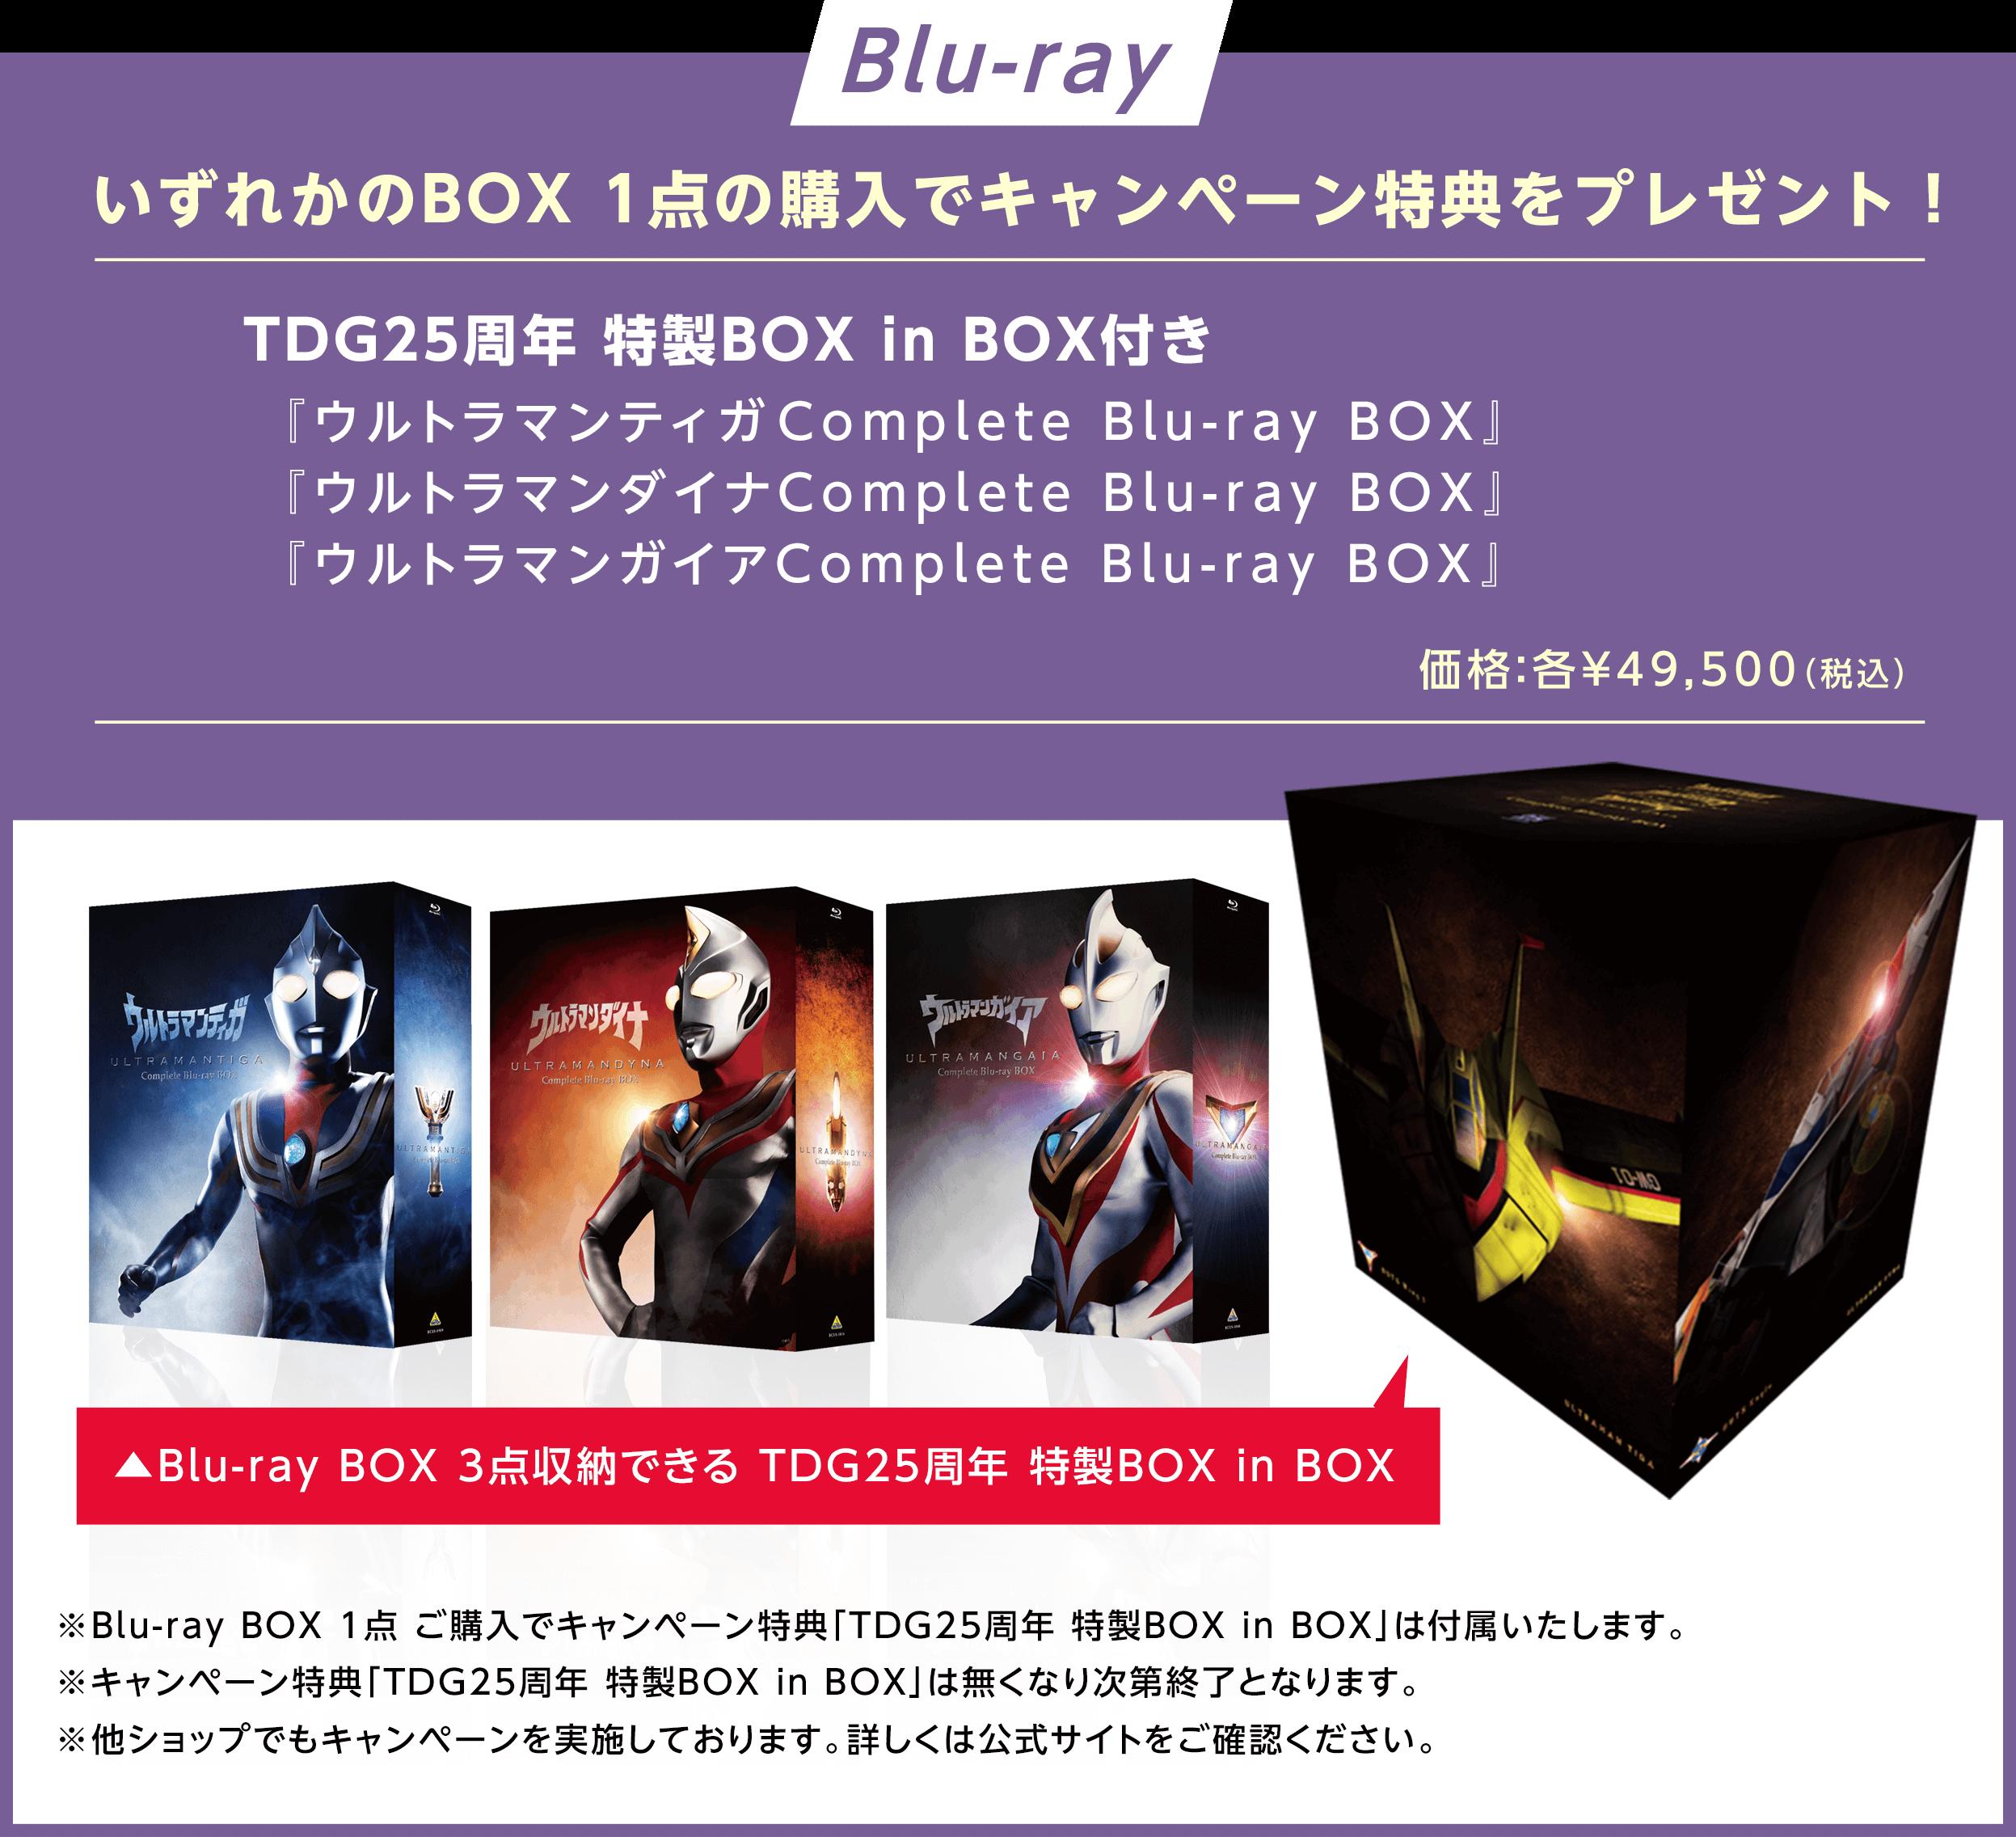 【Blu-ray】                     いずれかのBOX 1点の購入でキャンペーン特典をプレゼント!                     TDG25周年 特製BOX in BOX付き                     『ウルトラマンティガComplete Blu-ray BOX』                     『ウルトラマンダイナComplete Blu-ray BOX』                     『ウルトラマンガイアComplete Blu-ray BOX』                     価格:各¥49,500(税込)                     ▲Blu-ray BOX 3点収納できる TDG25周年 特製BOX in BOX                     ※Blu-ray BOX 1点 ご購入でキャンペーン特典「TDG25周年 特製BOX in BOX」は付属いたします。                     ※キャンペーン特典「TDG25周年 特製BOX in BOX」は無くなり次第終了となります。                     ※他ショップでもキャンペーンを実施しております。詳しくは公式サイトをご確認ください